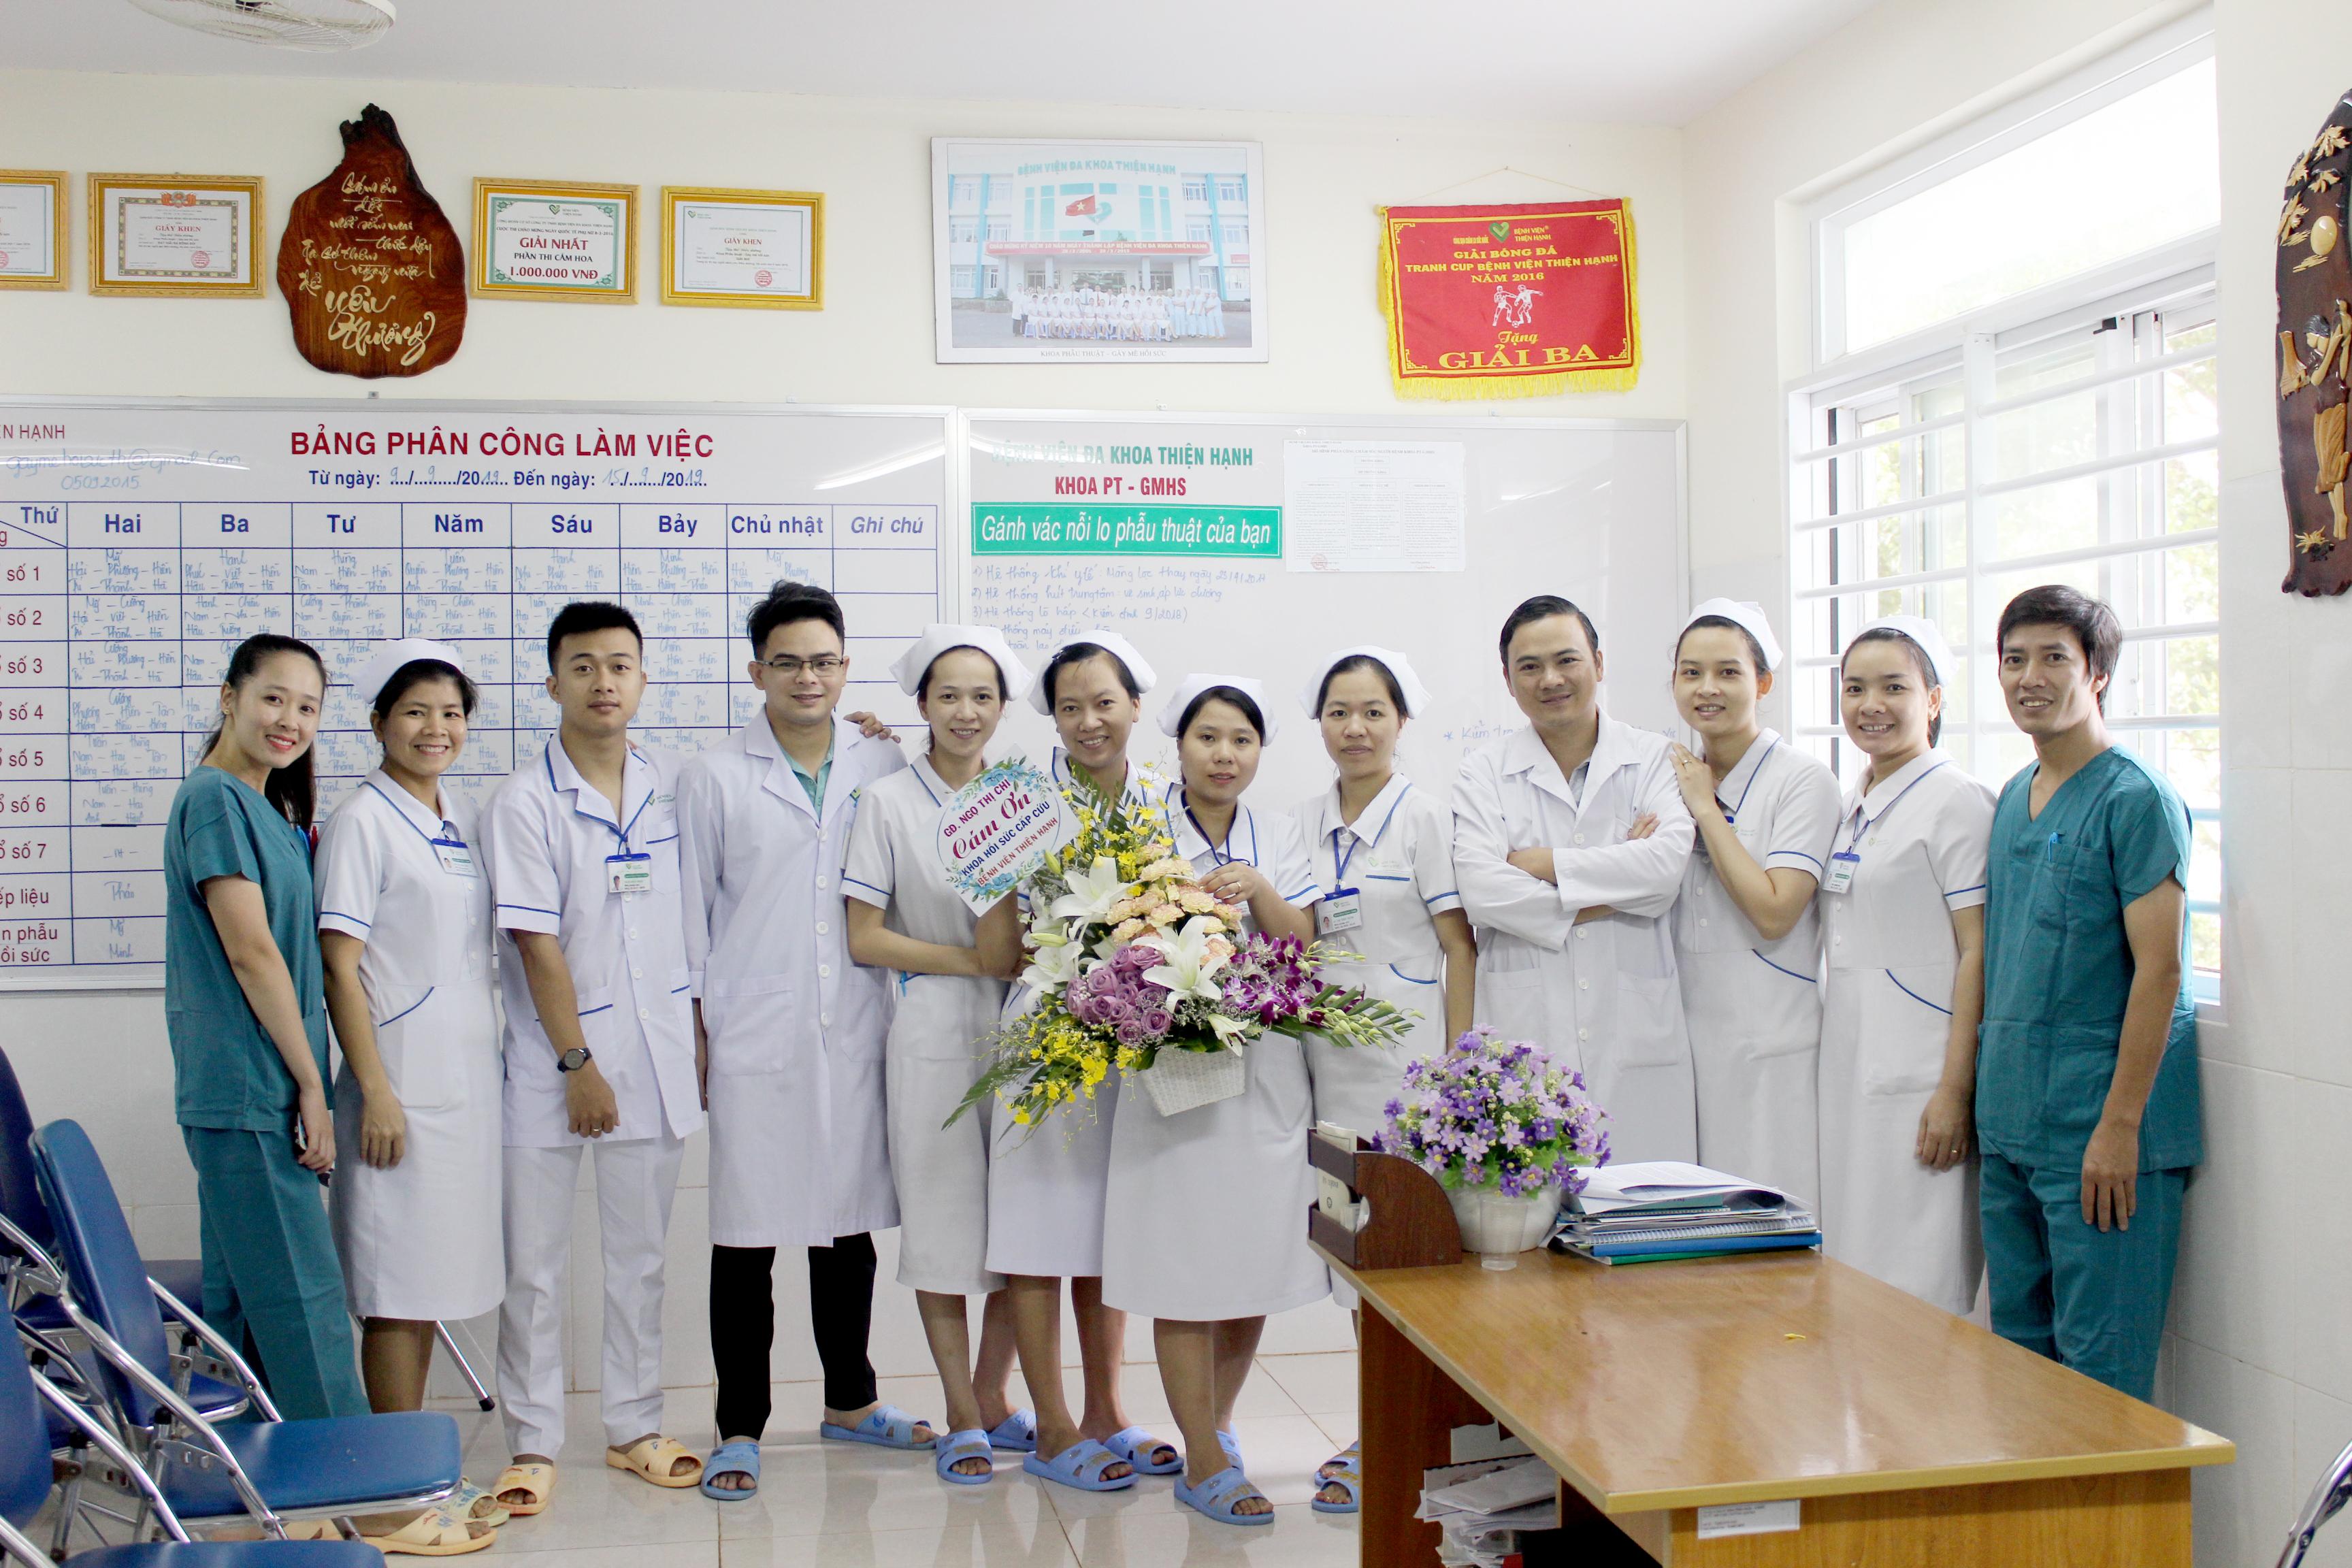 Bệnh Viện Thiện Hạnh: Lời Cảm ơn Từ Gia đình Bệnh Nhân Ngọ Thị Chi